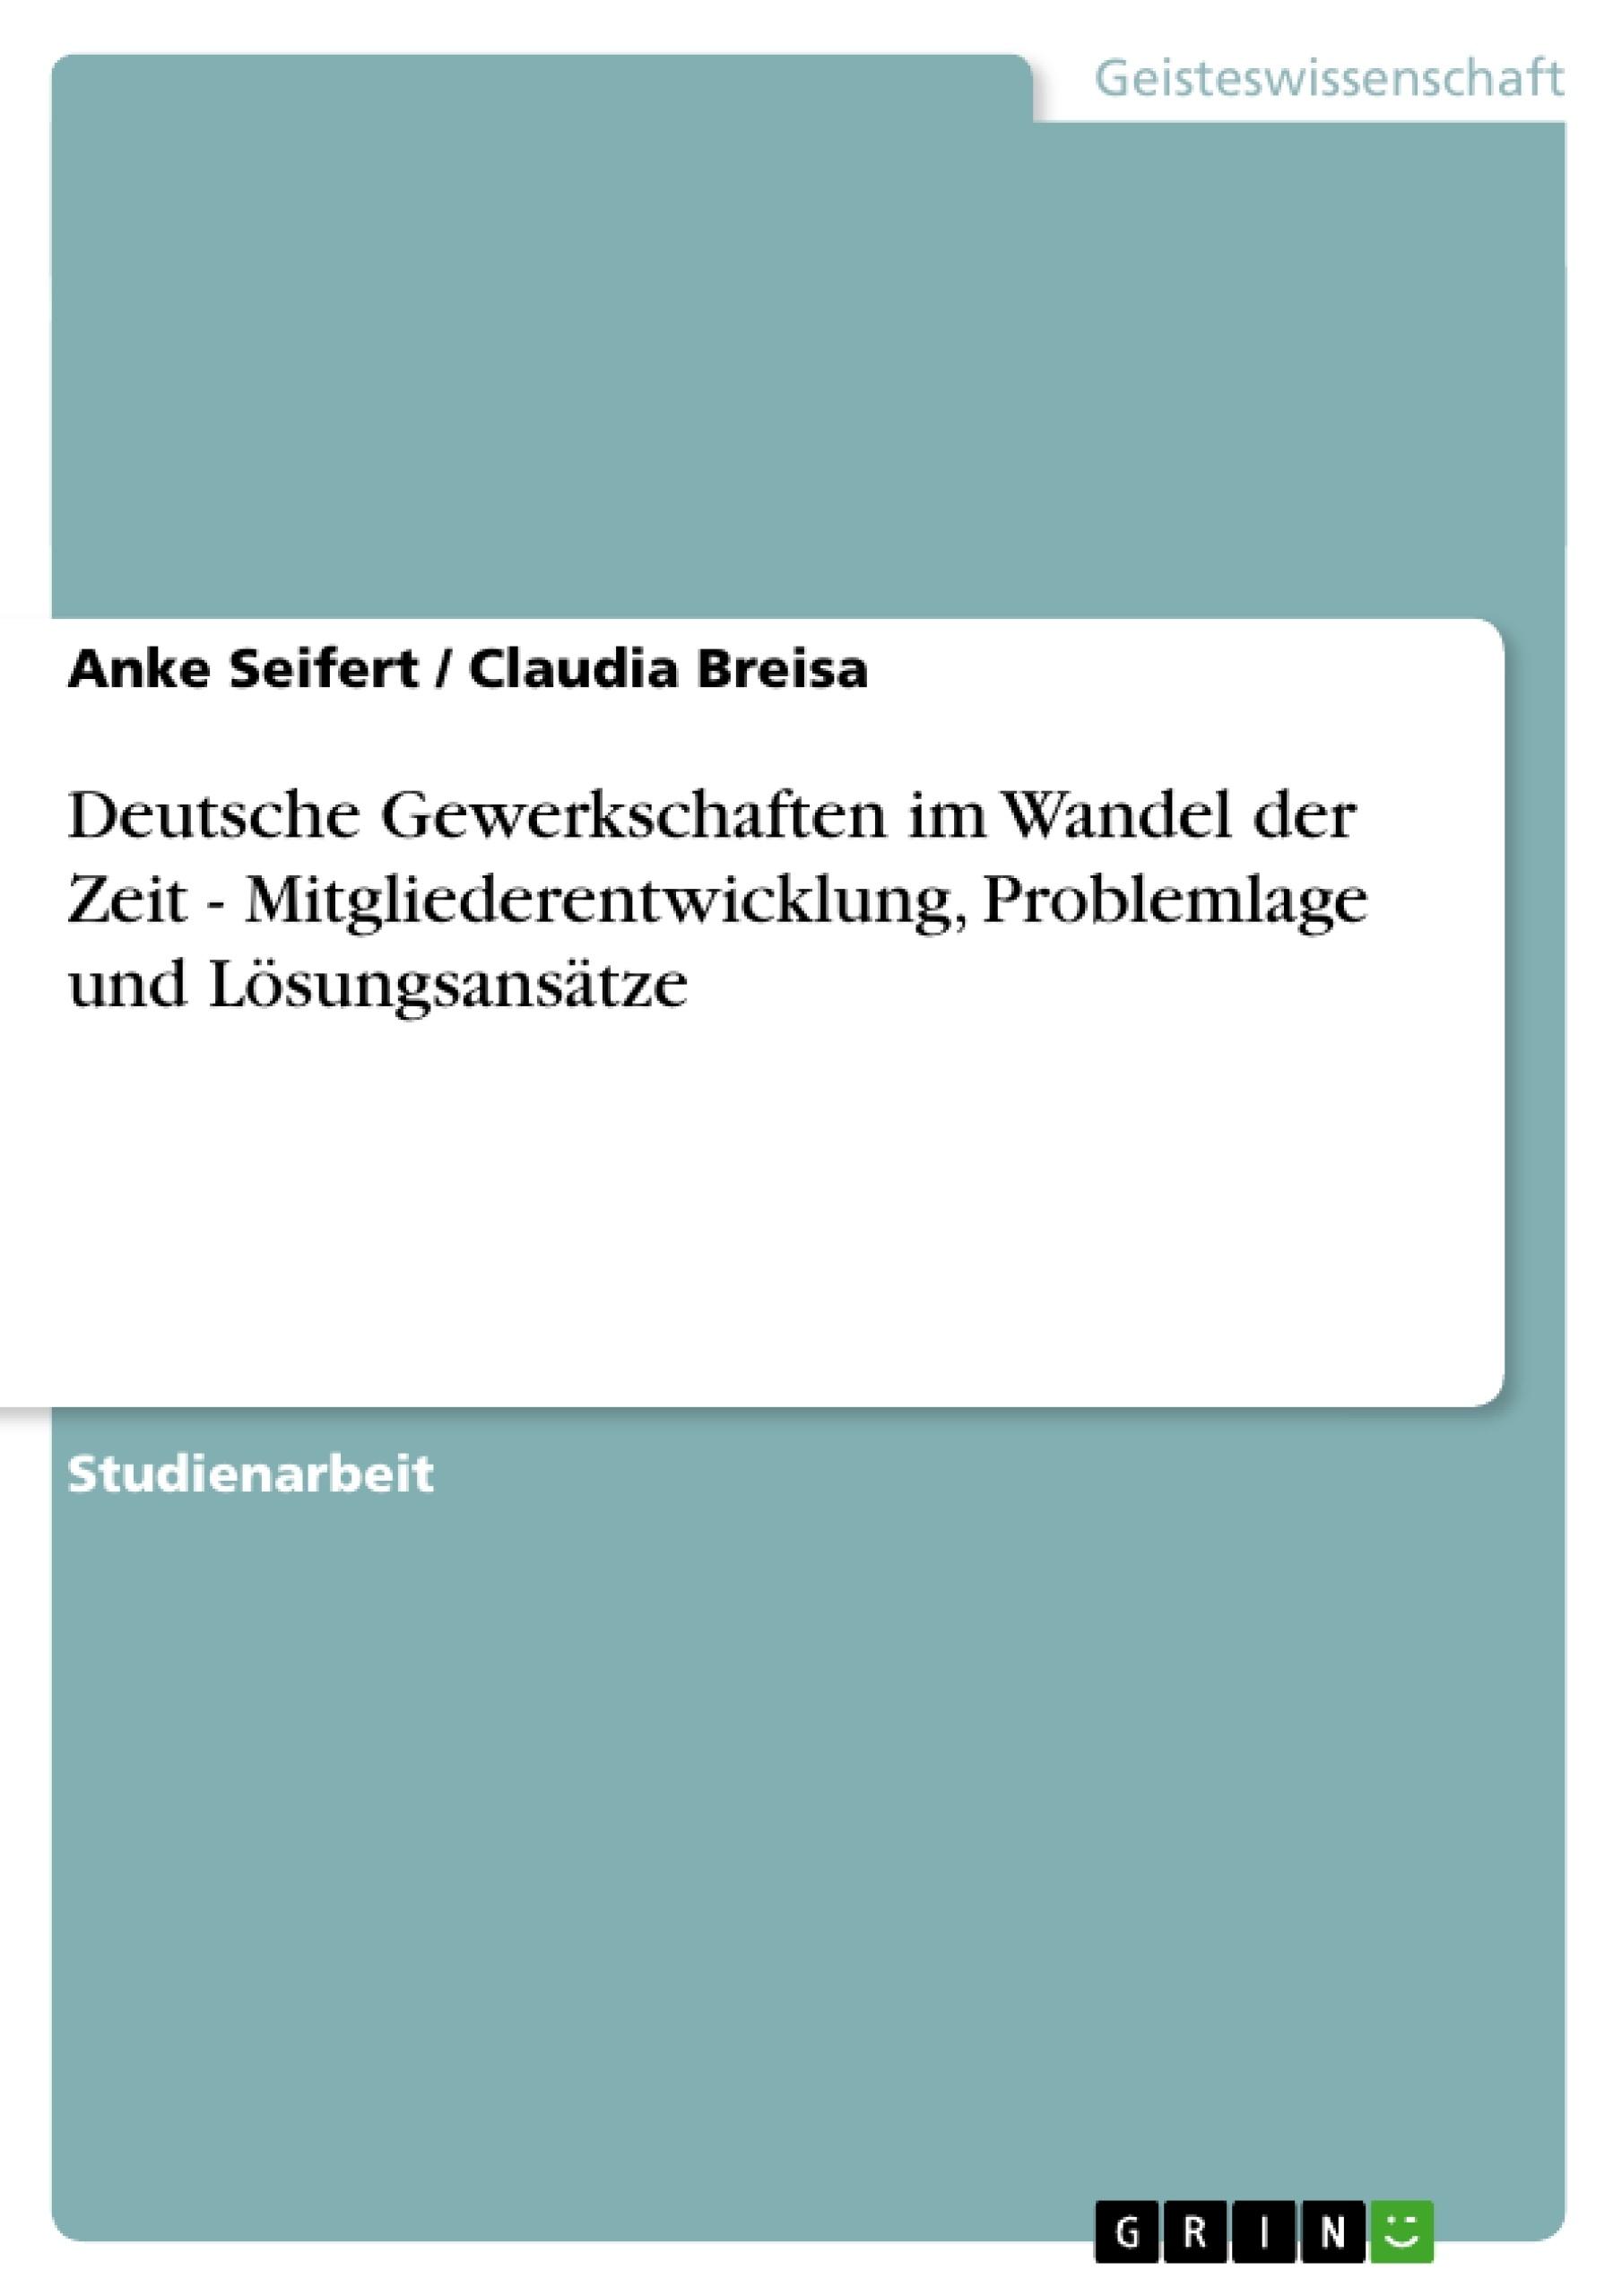 Titel: Deutsche Gewerkschaften im Wandel der Zeit - Mitgliederentwicklung, Problemlage und Lösungsansätze